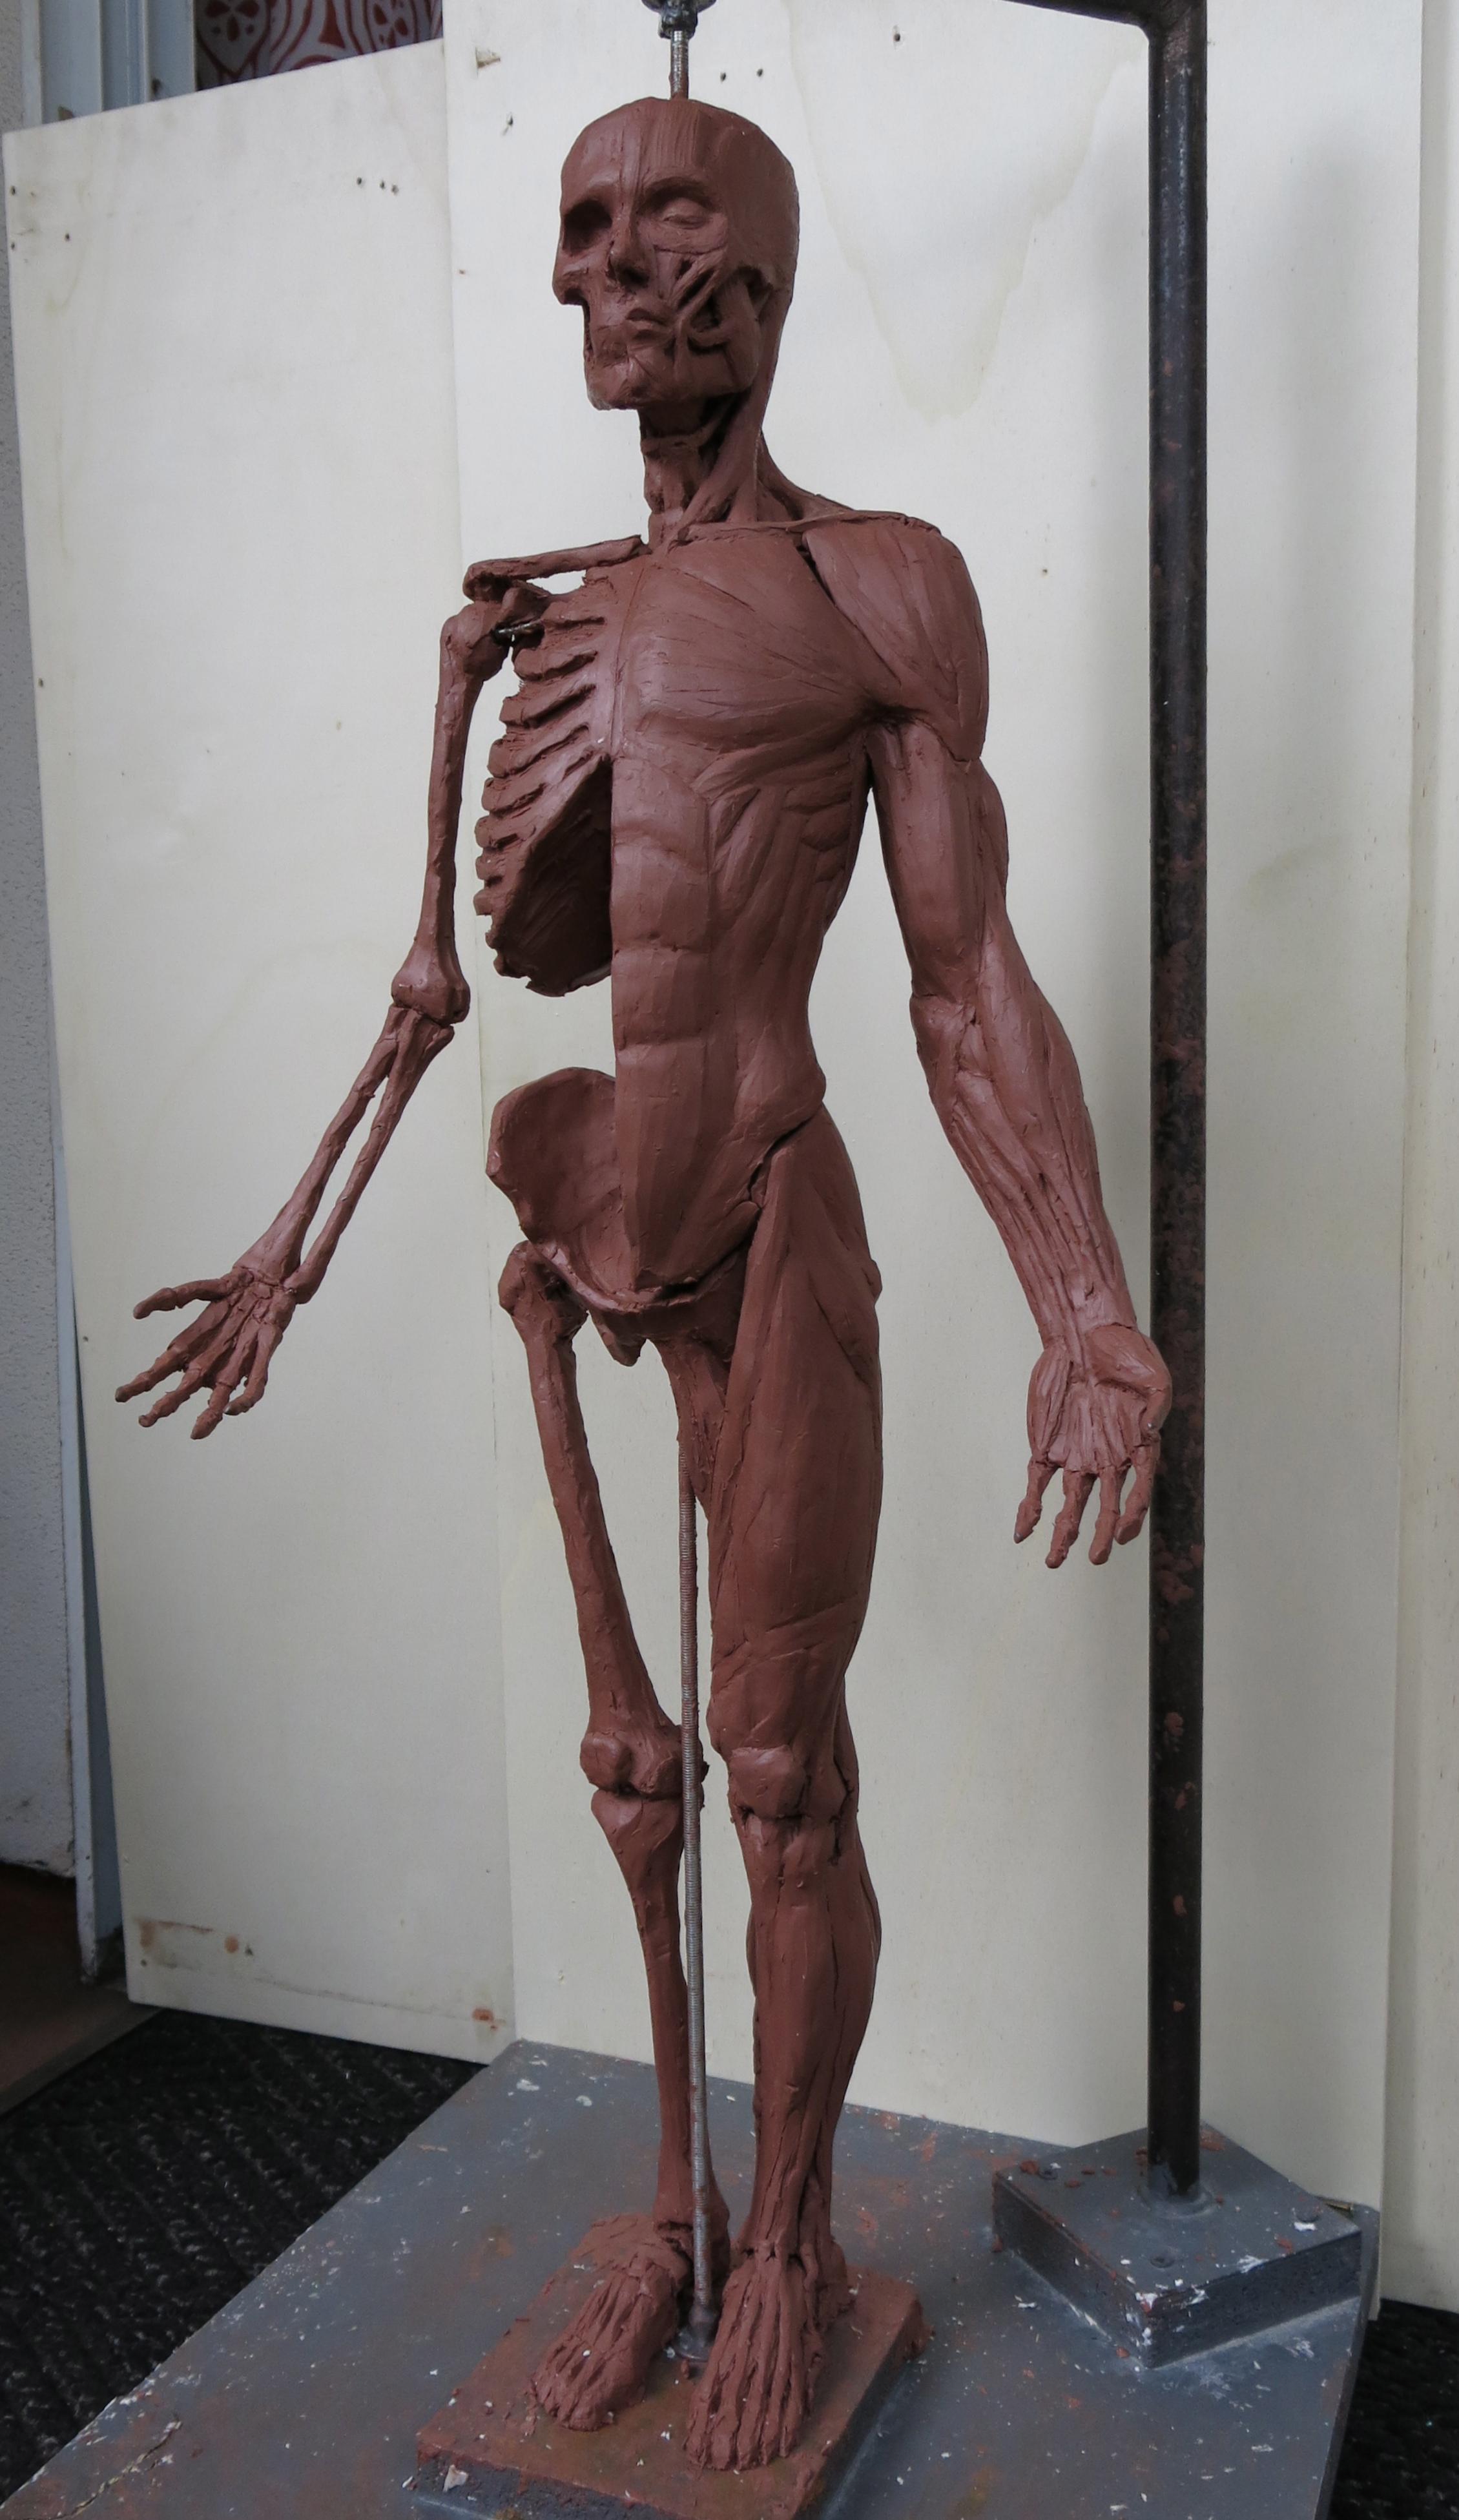 Tringali ecorche sculpture 75cm.jpg